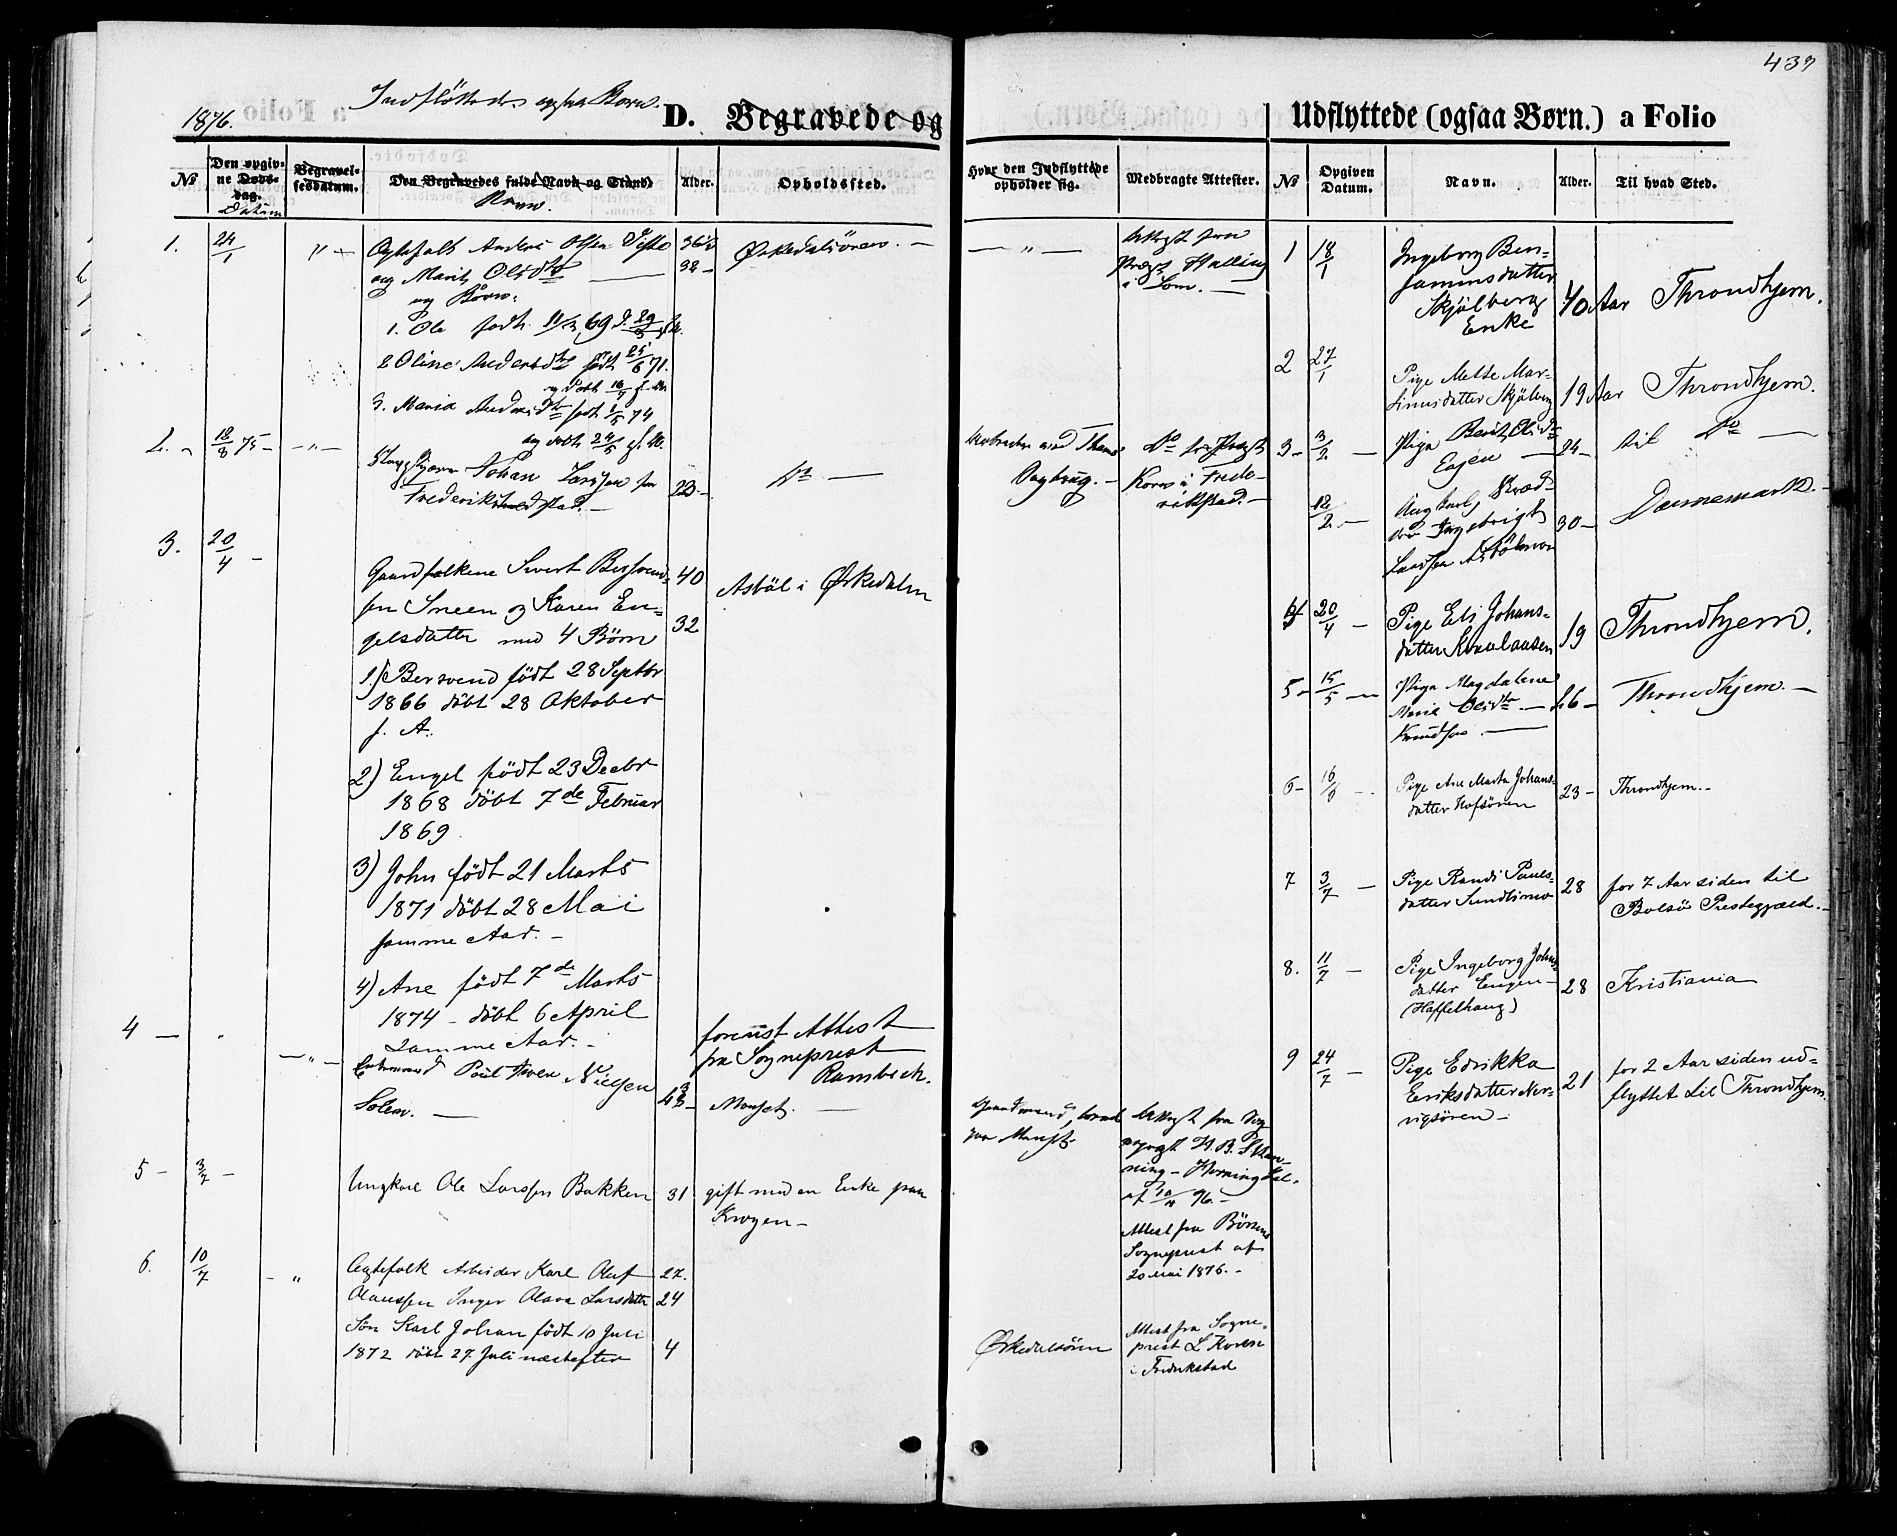 SAT, Ministerialprotokoller, klokkerbøker og fødselsregistre - Sør-Trøndelag, 668/L0807: Ministerialbok nr. 668A07, 1870-1880, s. 439